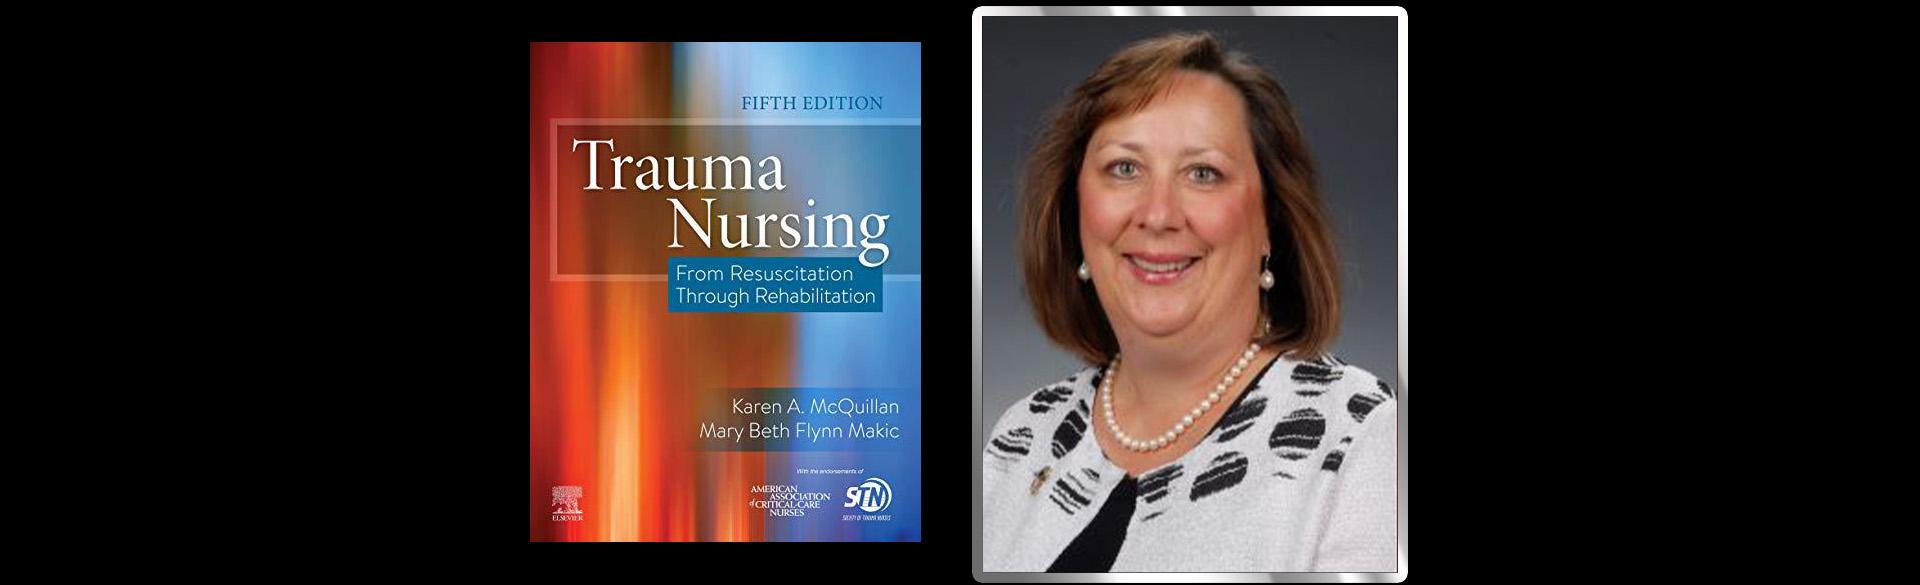 Trauma Nursing with Mary Beth Flynn Makic